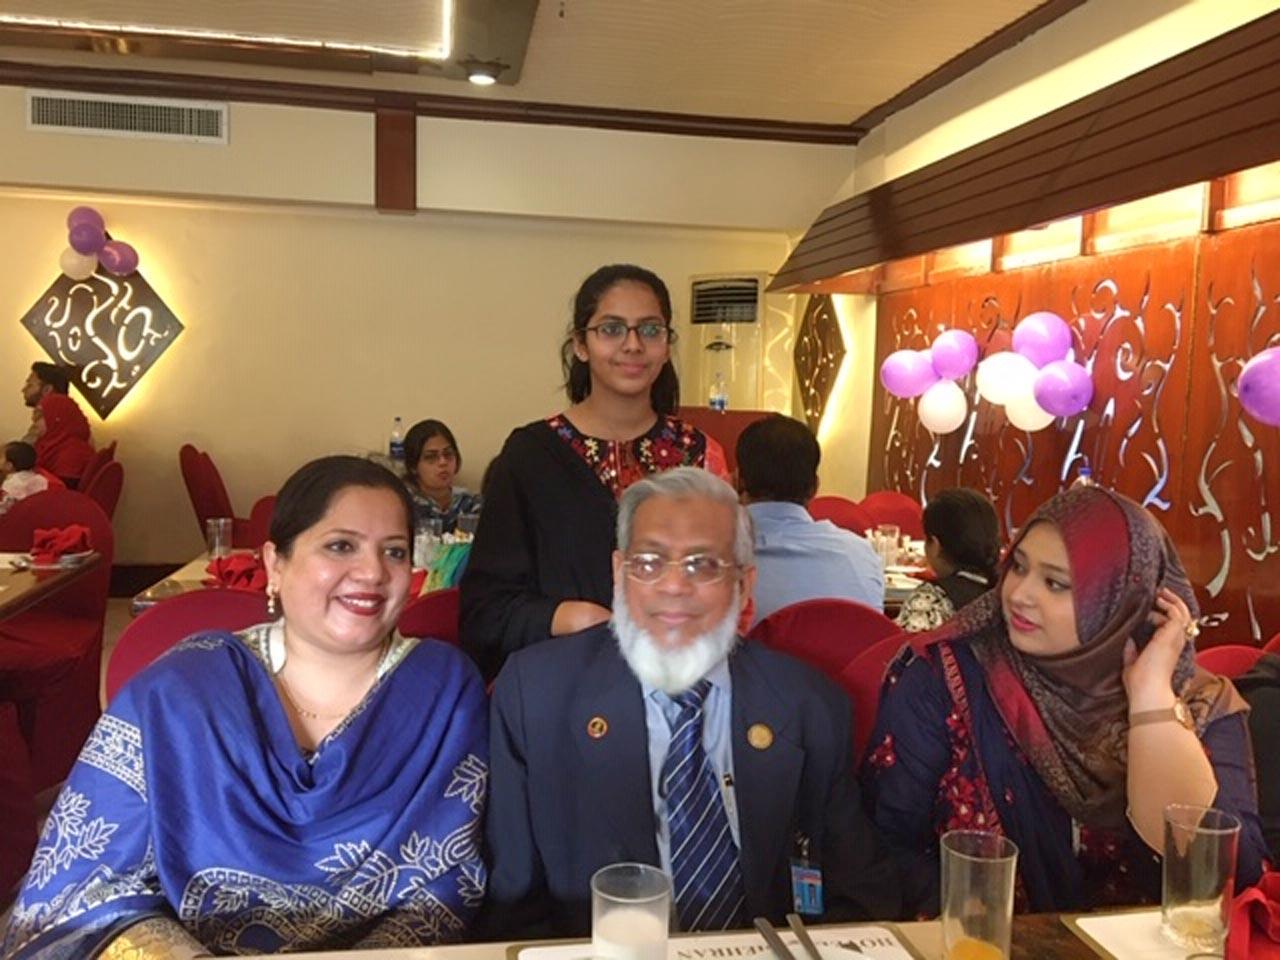 Dr. Kiran A. Rehman, Engr. Iqbal Ahmed Khan, Samia Siddiqui and Mariam A. Rehman standing